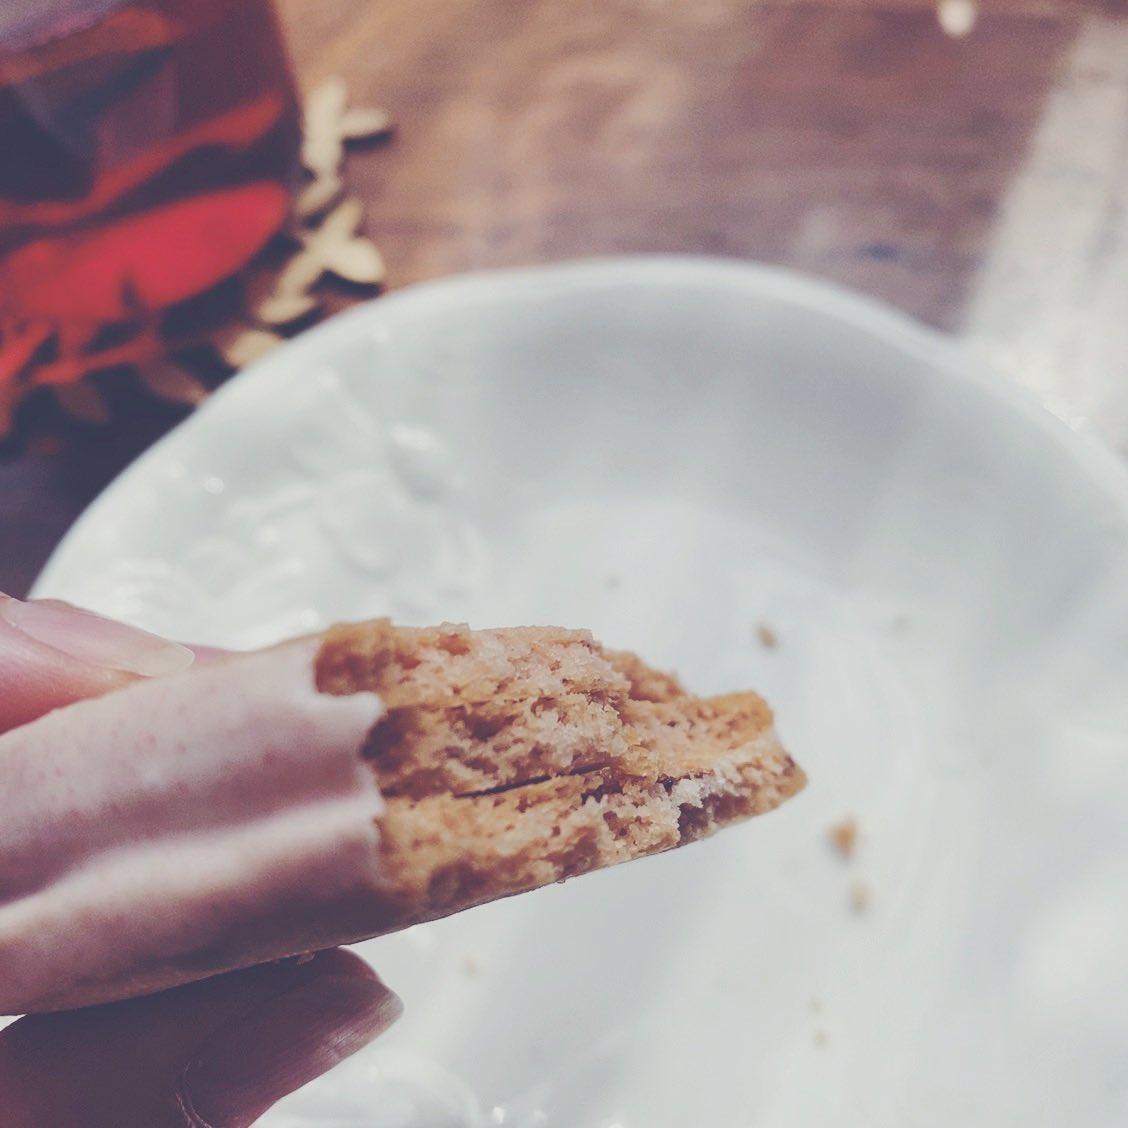 test ツイッターメディア - おやつにだいすきなマロンコロン、いちご味は初めて。リッチな風味のサブレにいちごの甘い香り…最高でした。 紅茶がとっても似合うお菓子です。 https://t.co/js683JIeLU